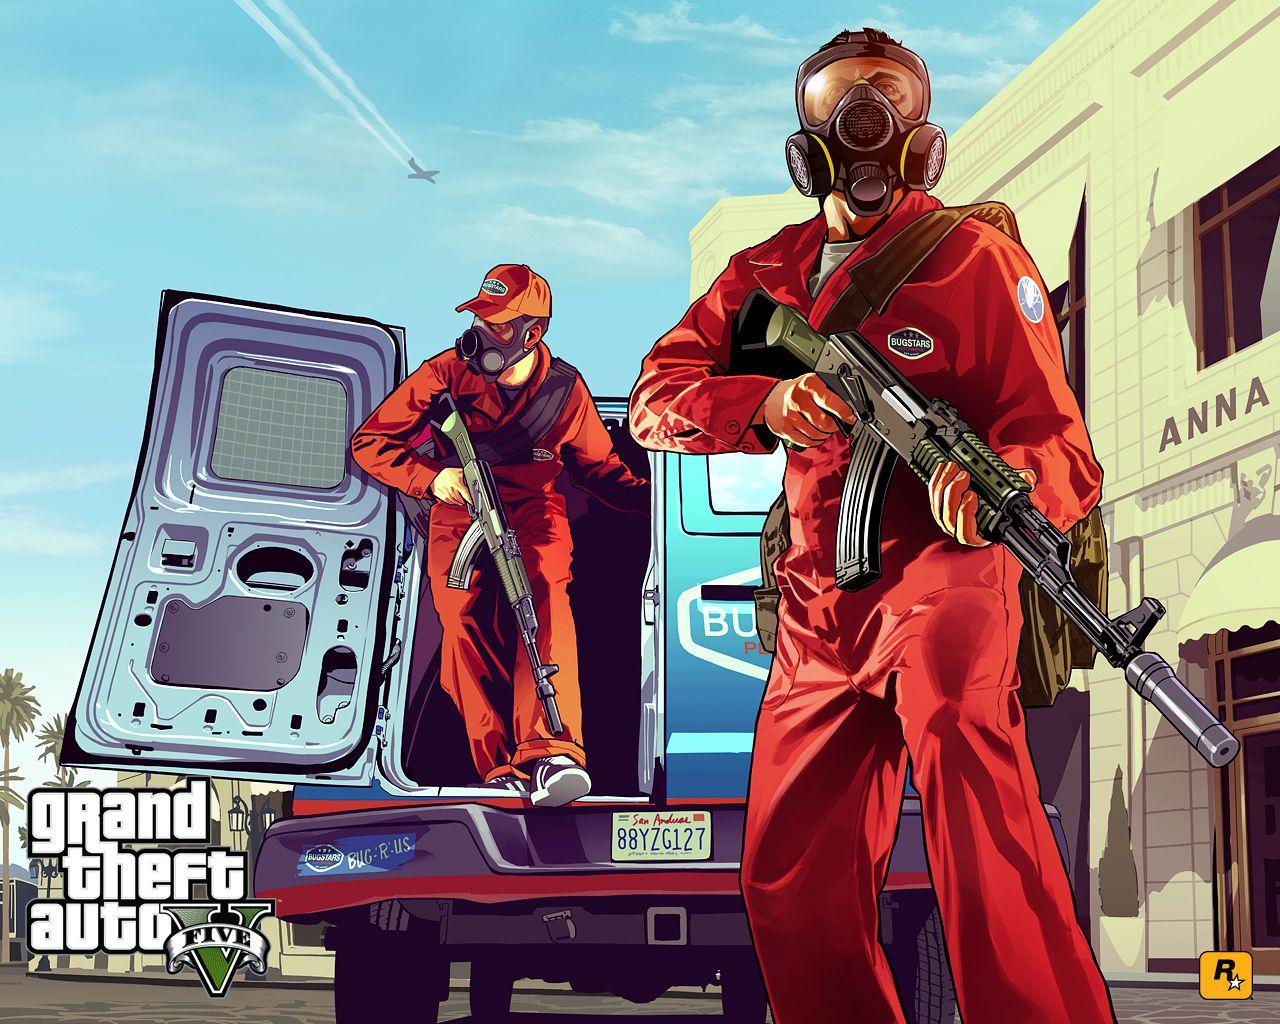 Gta 5 Fond D Ecran Officiel De Gta V Grand Theft Auto Jeux Gta Fond Ecran